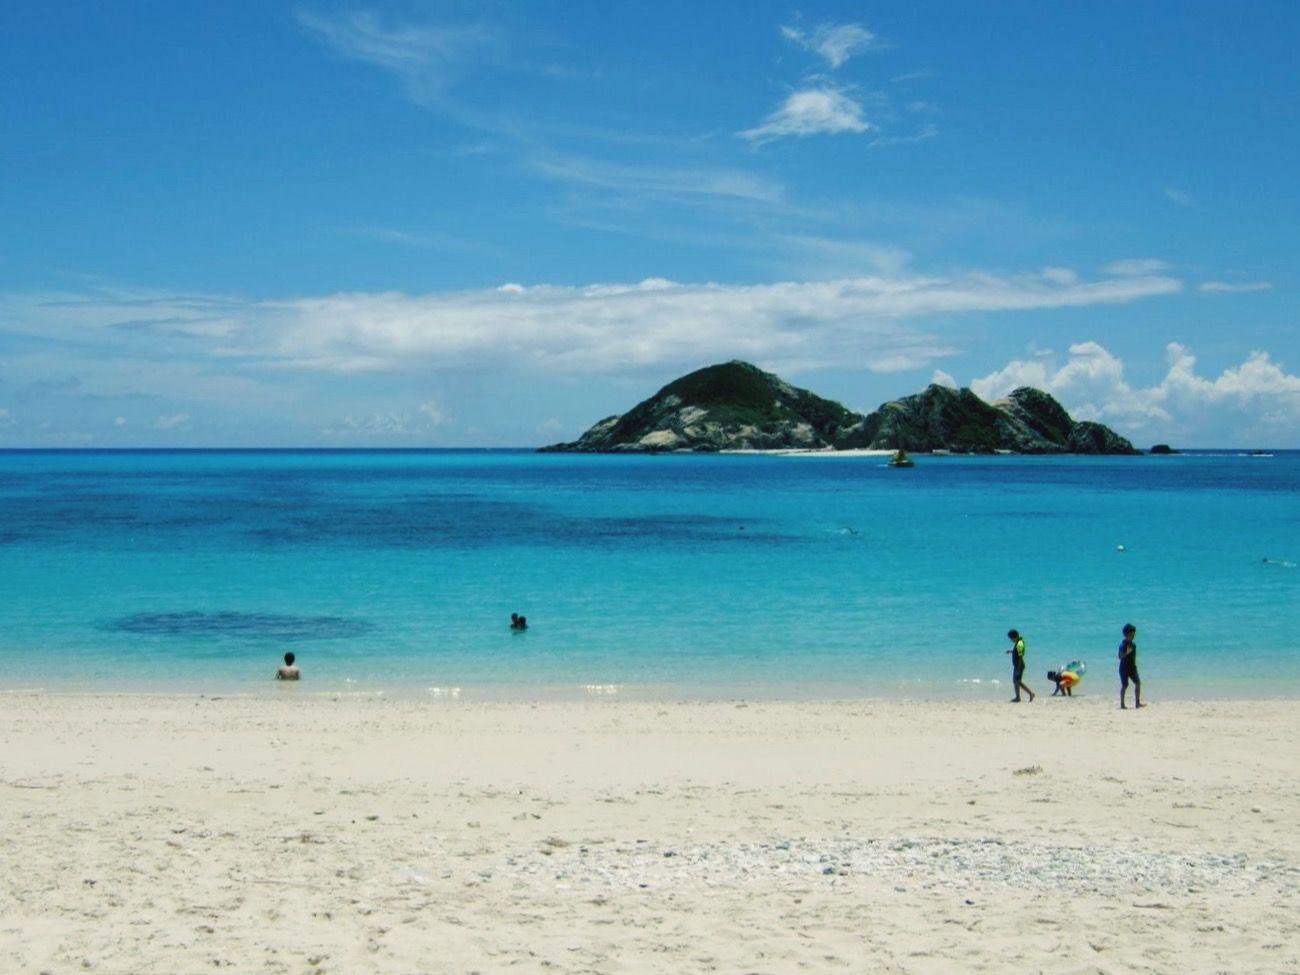 沖縄県 ( Okinawa )の 渡嘉敷島 ( Tokashiki )にある 阿波連ビーチ (aharen beach)です